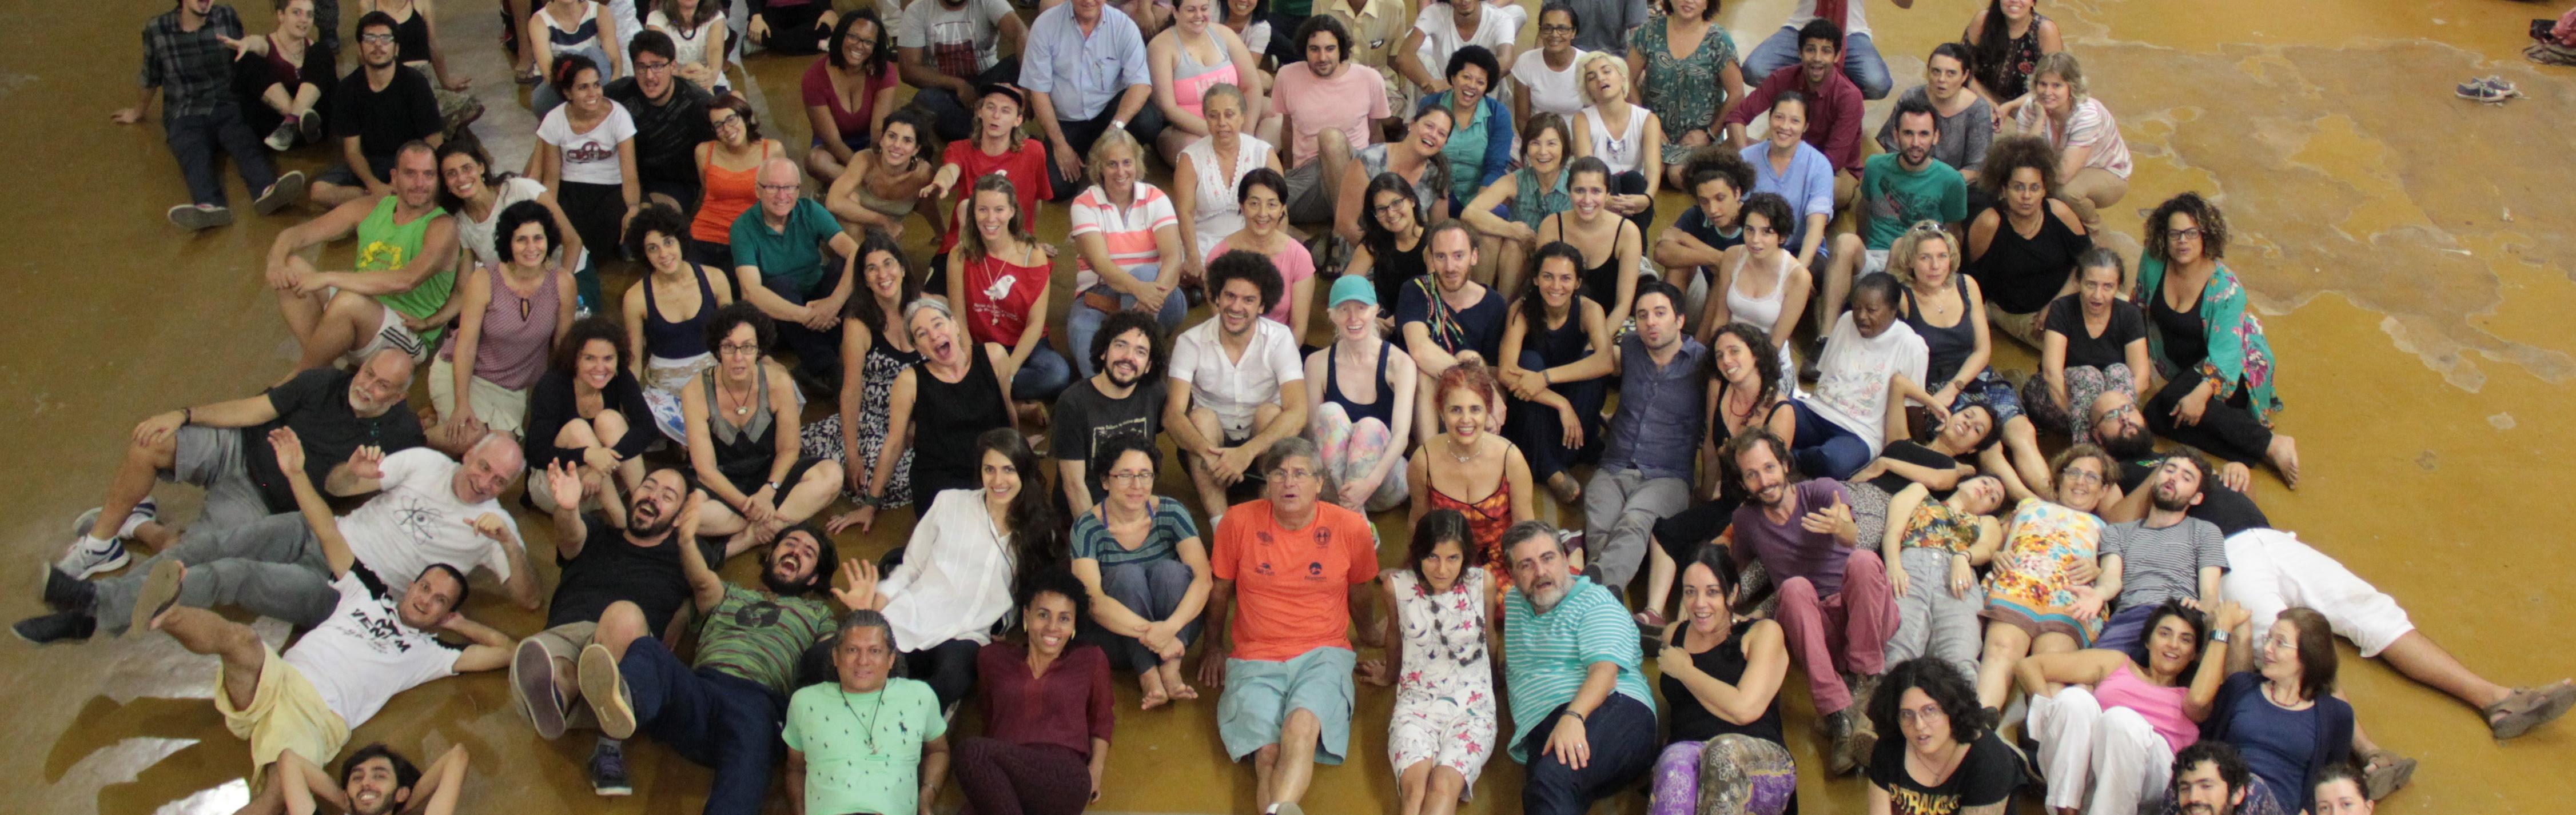 Workshop musical internacional gratuito abre as atividades do Coral da USP em 2019